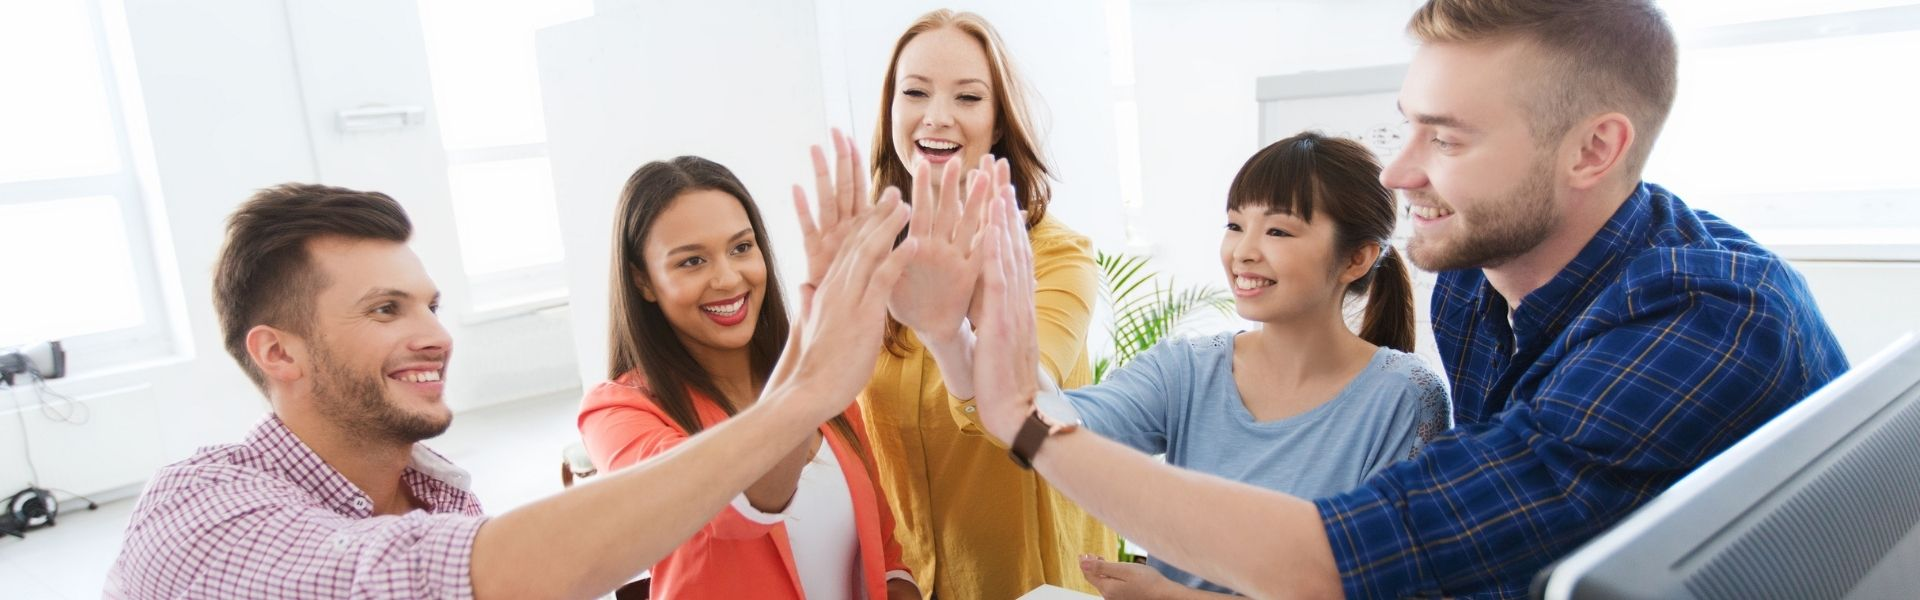 15. DIALOG Fachkräftesicherung: Unternehmenskultur – die Haltung entscheidet